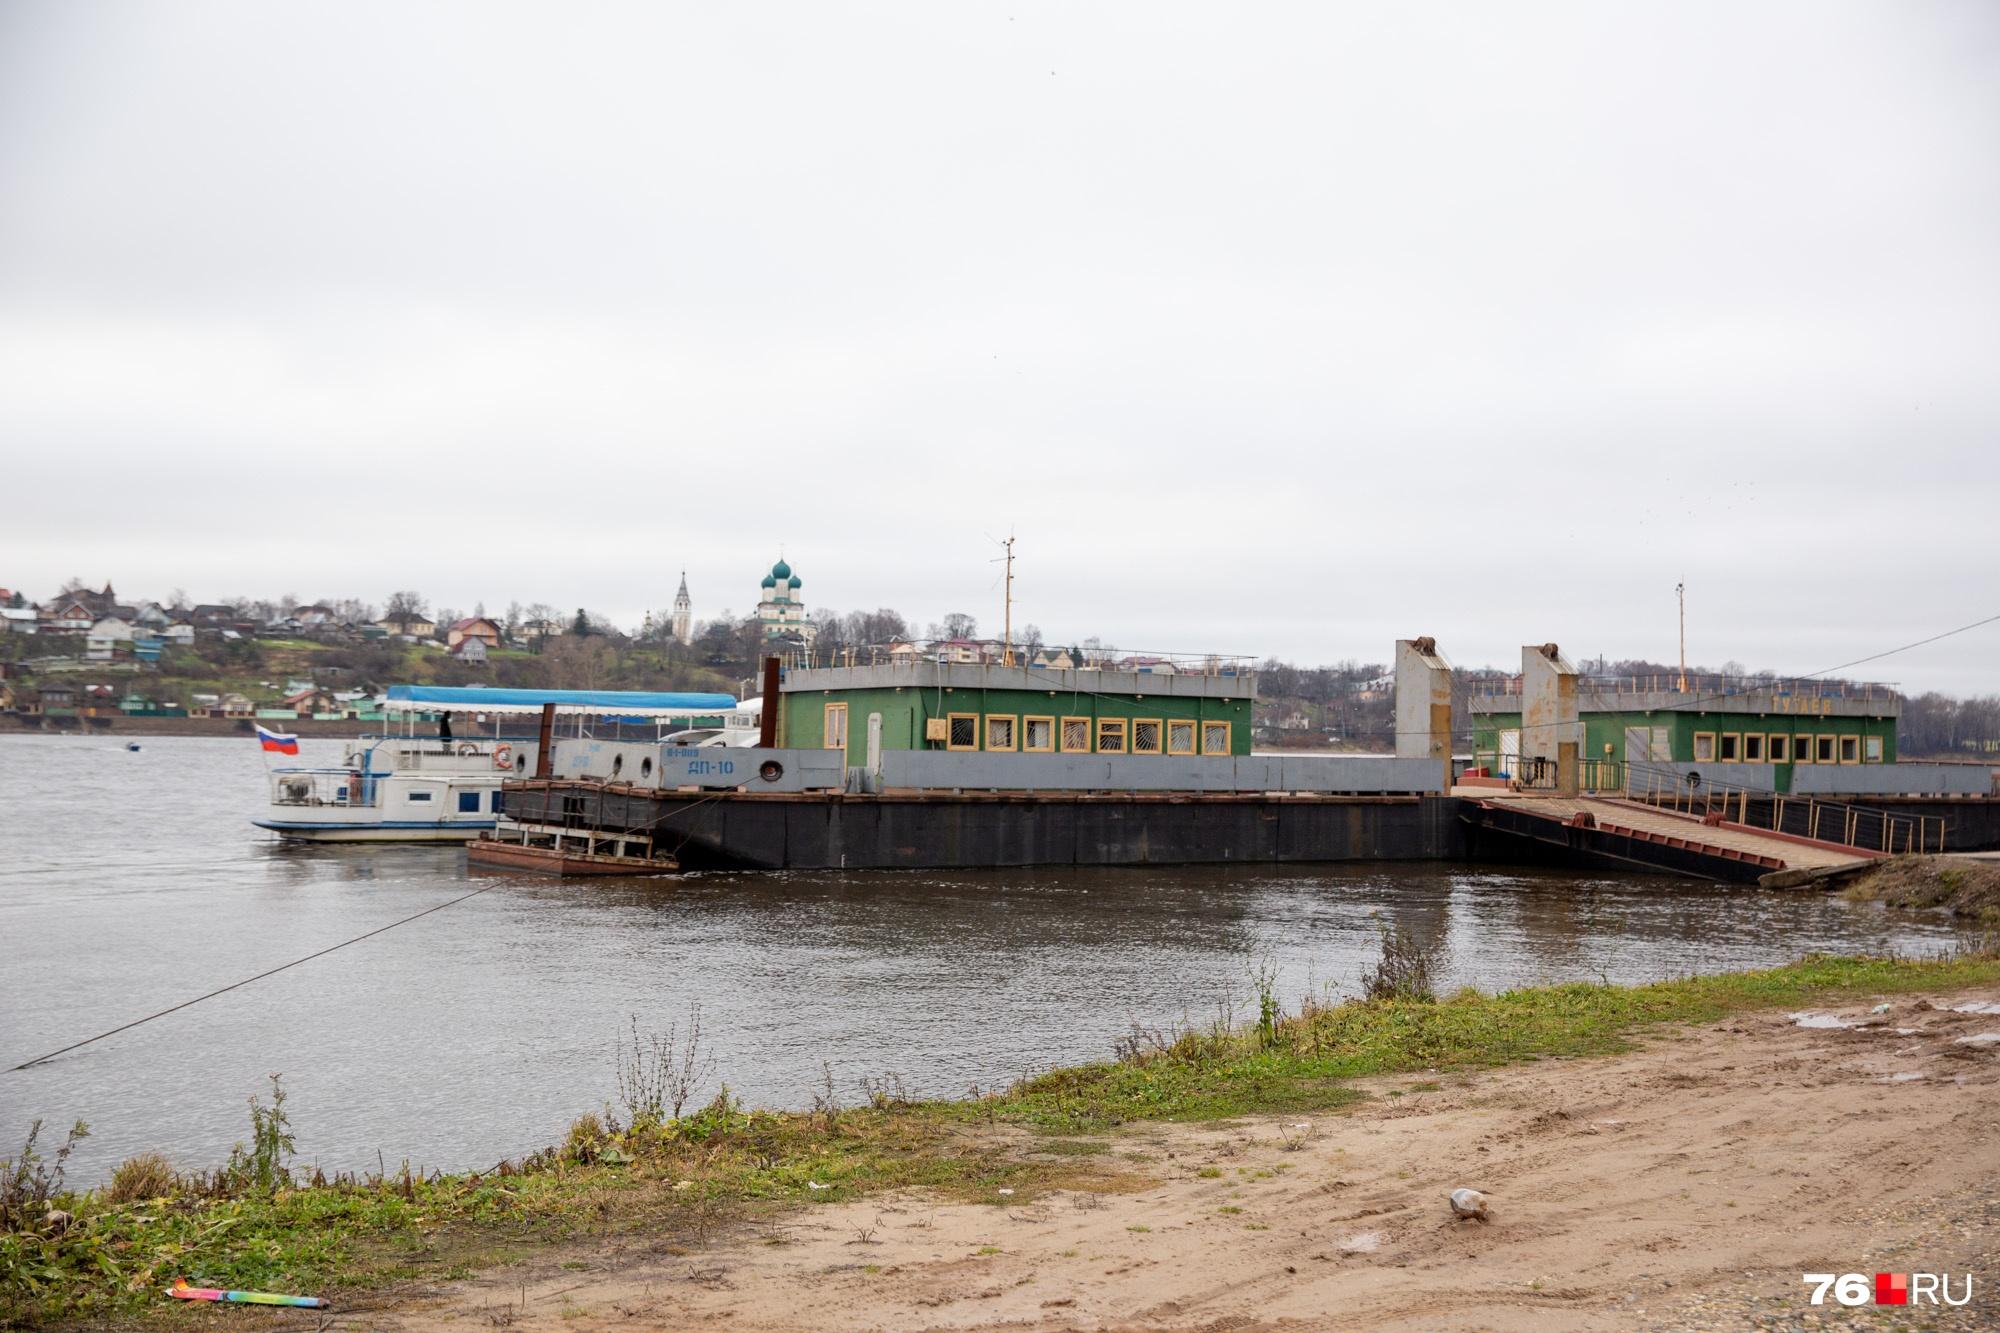 Чтобы попасть в больницу, люди летом перебираются через Волгу на пароме, зимой — по мосту в Ярославле